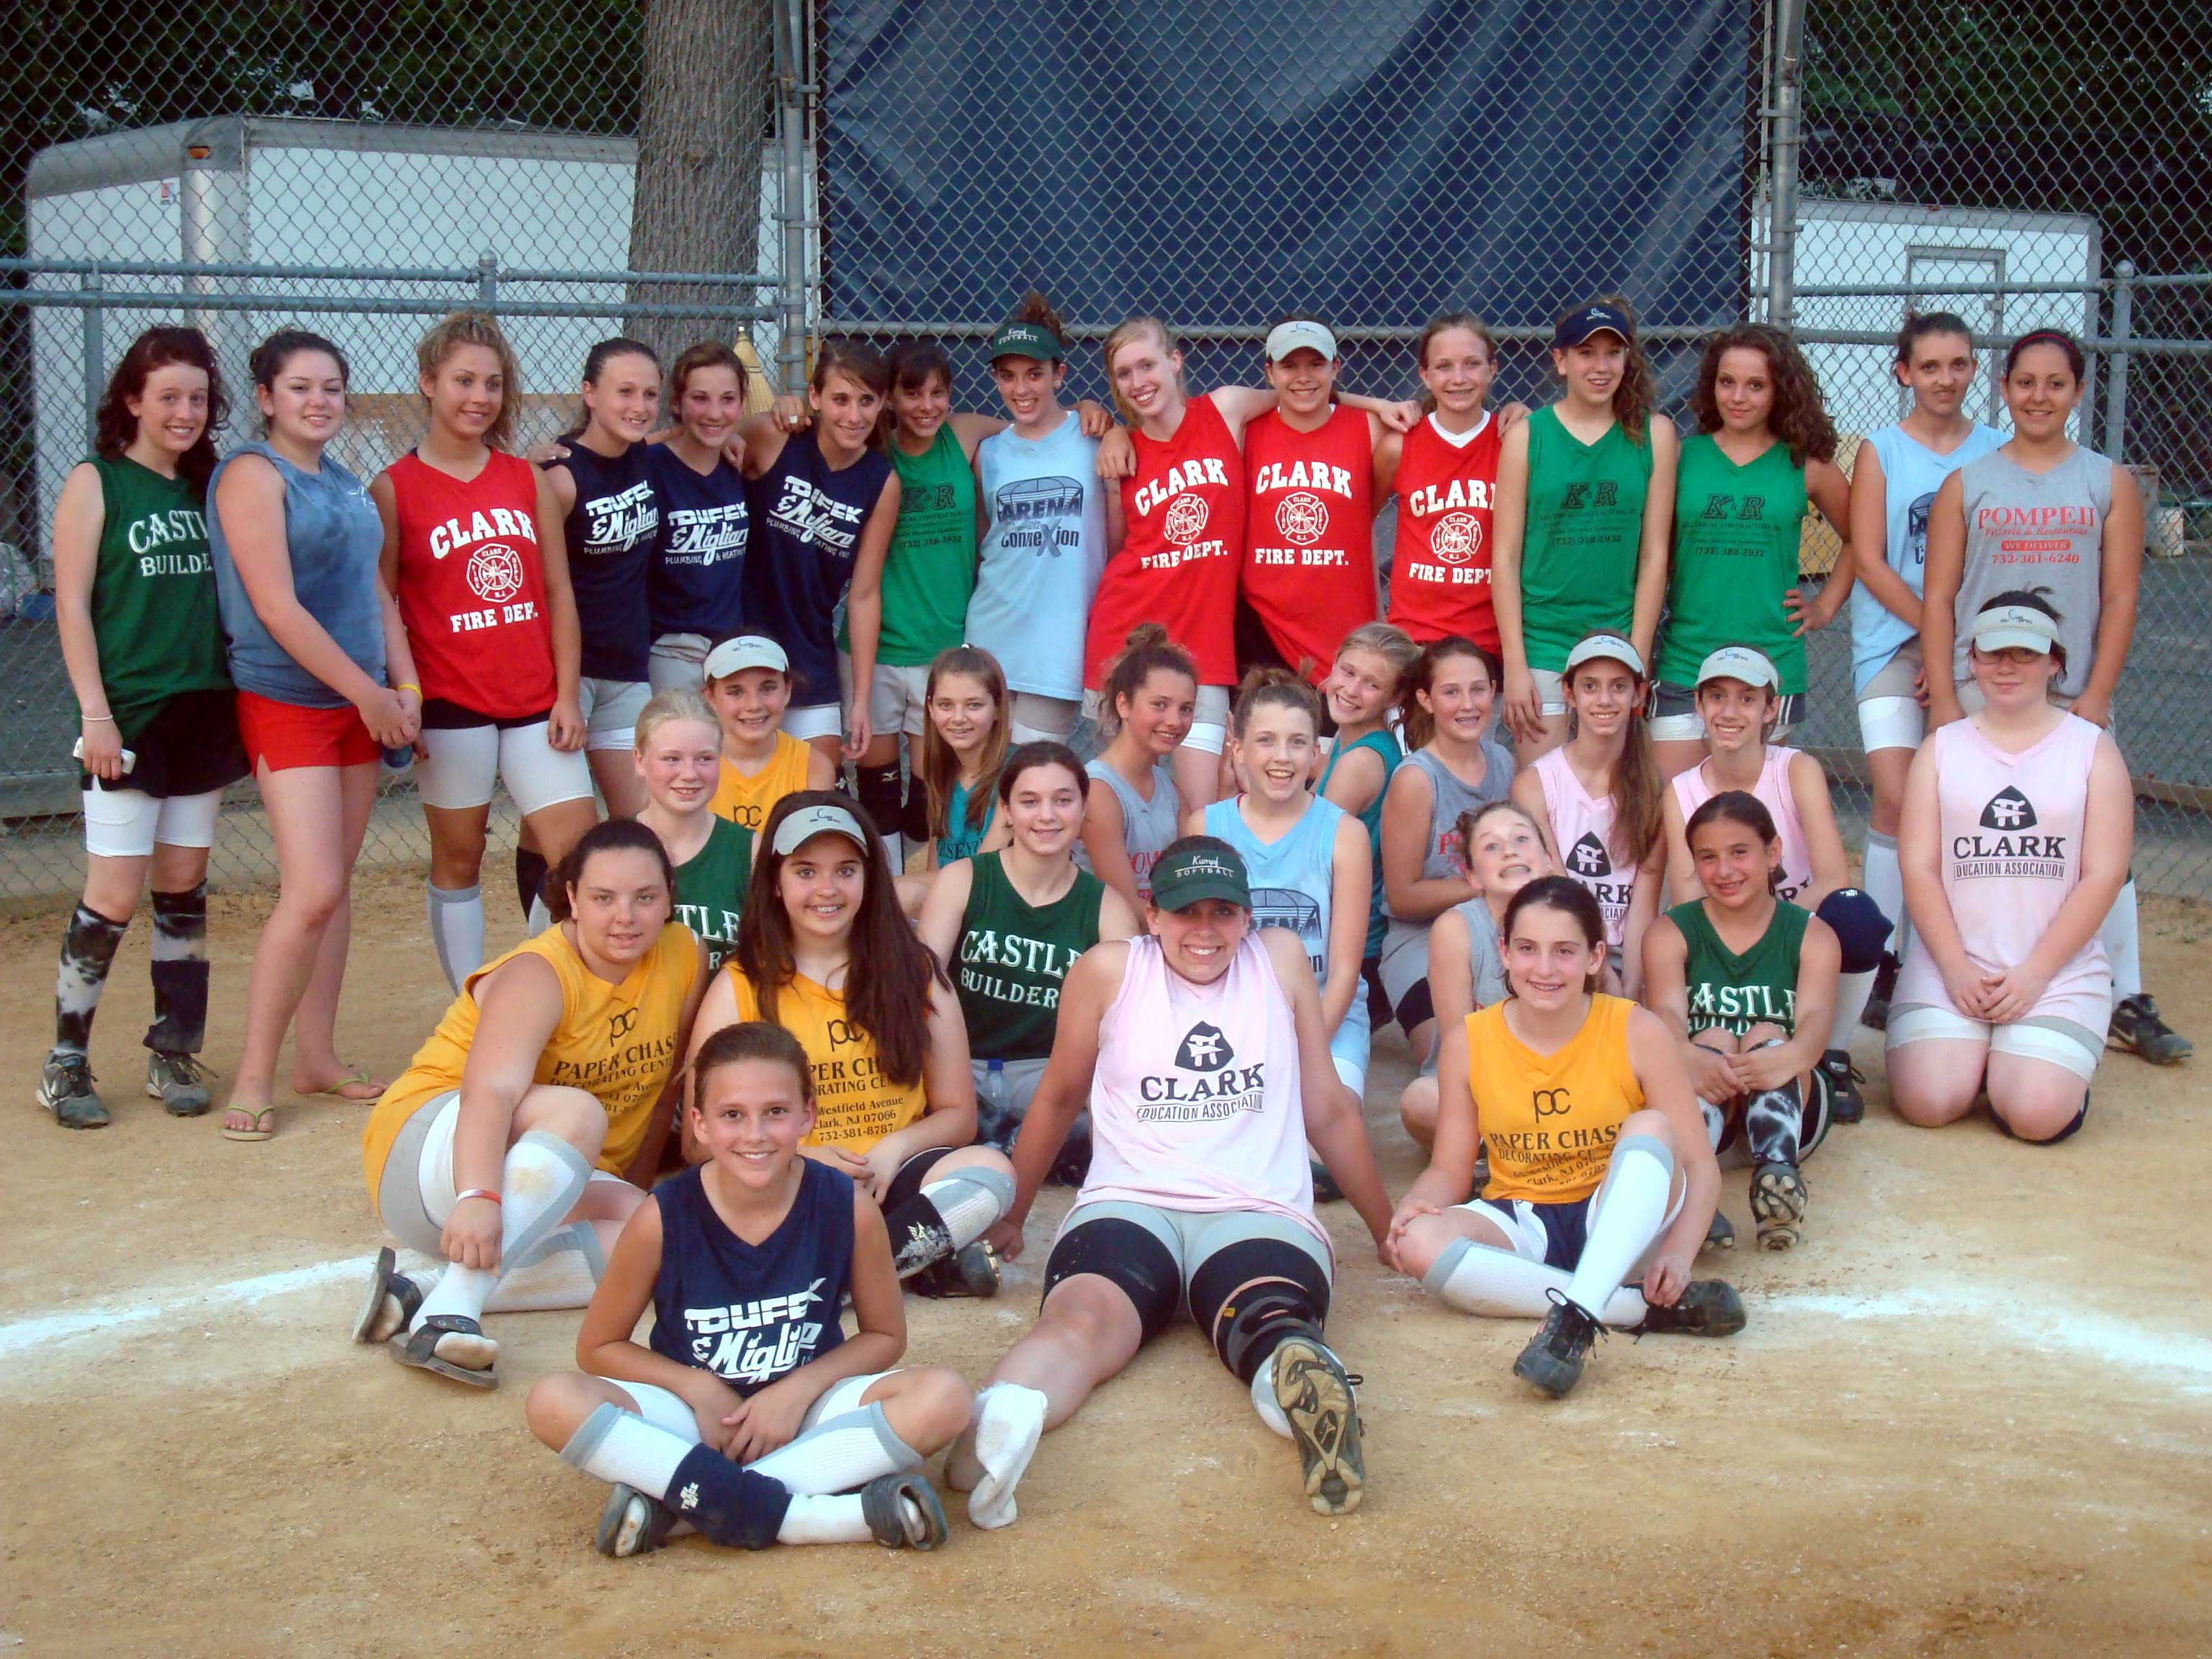 Girls Softball Cake Ca... Girls Softball